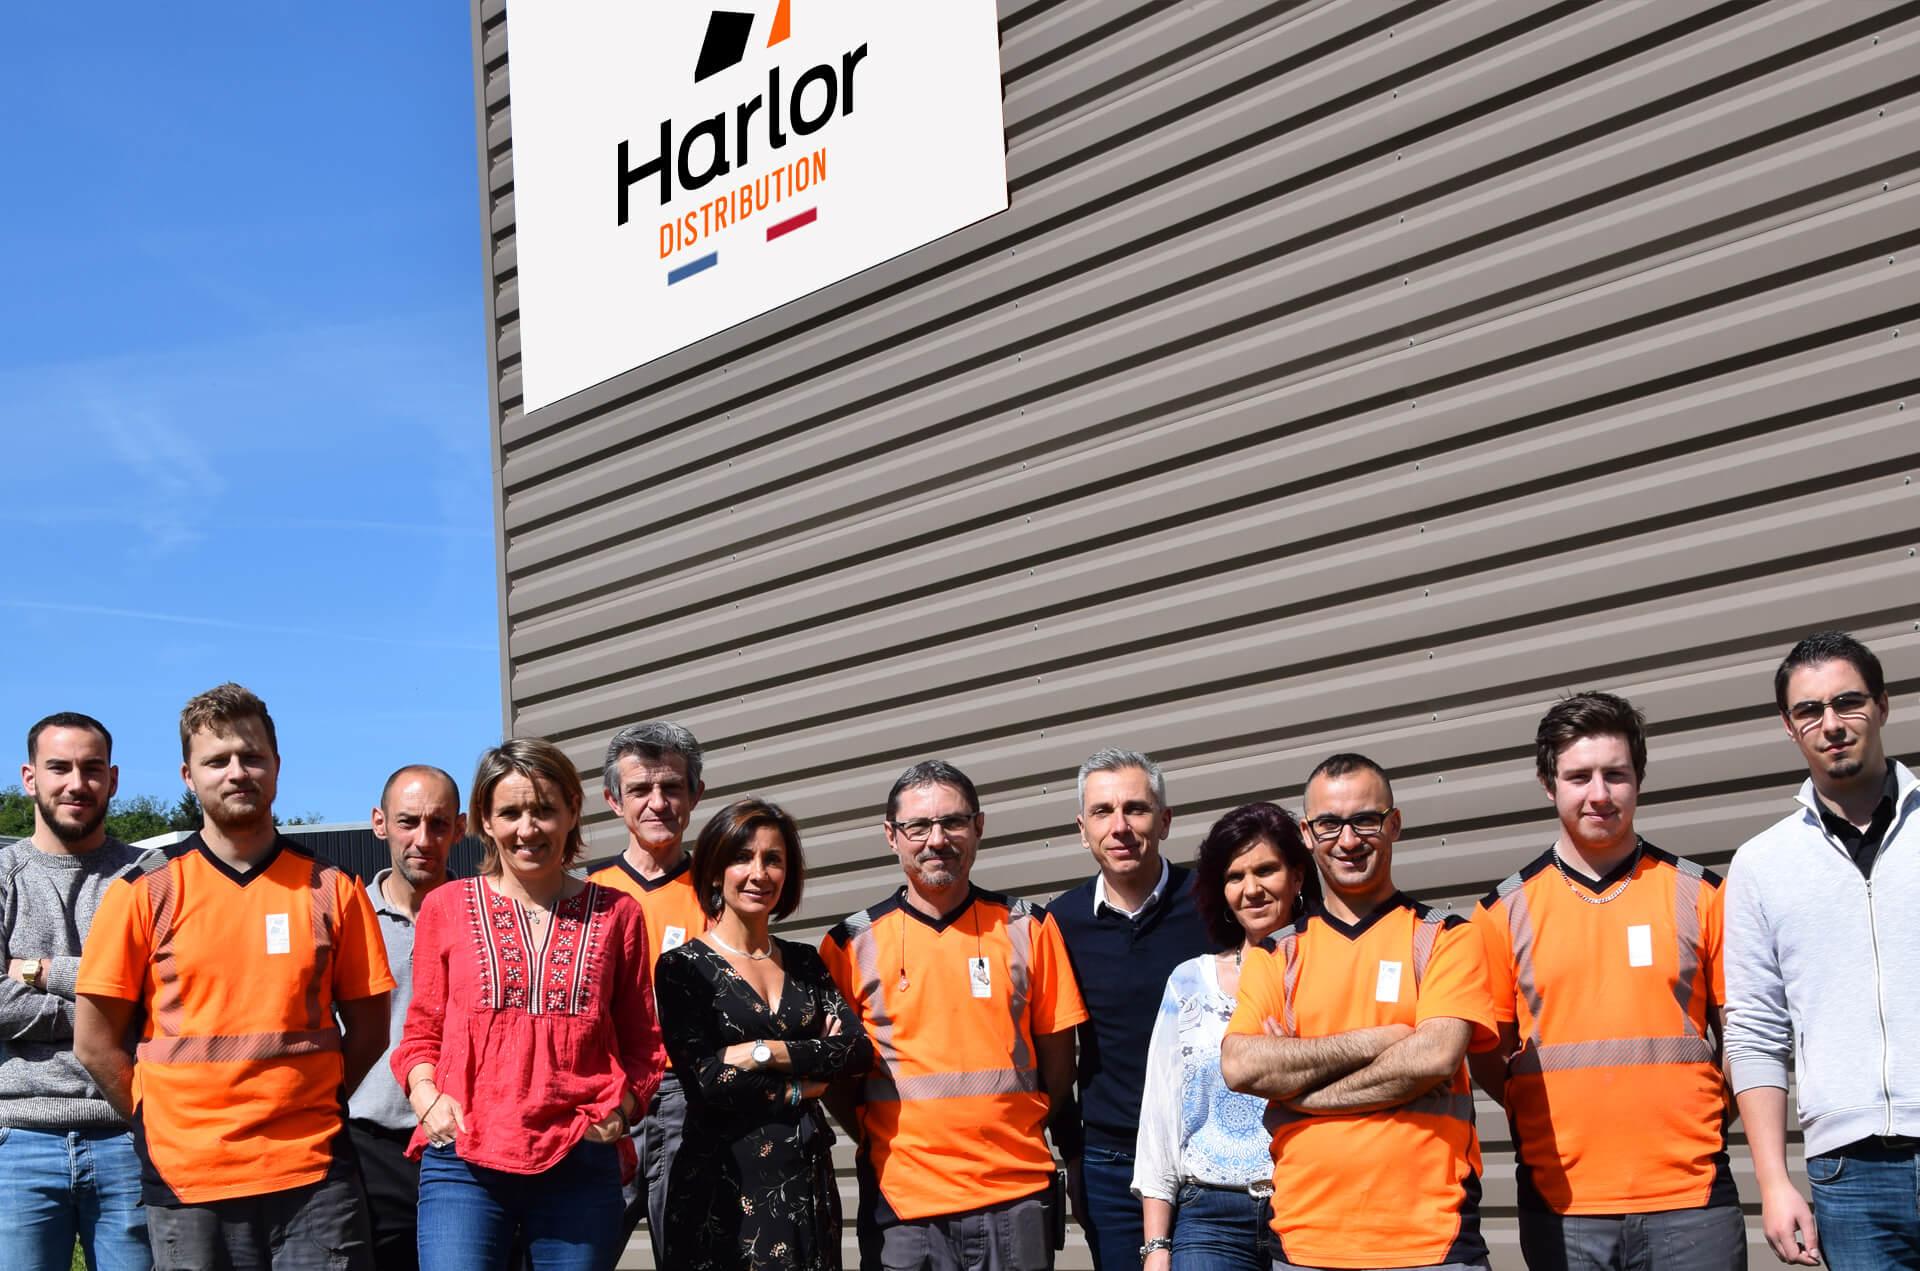 HARLOR DISTRIBUTION MATERIEL TRAITEMENT DE SURFACE DES METAUX POMPE equipe